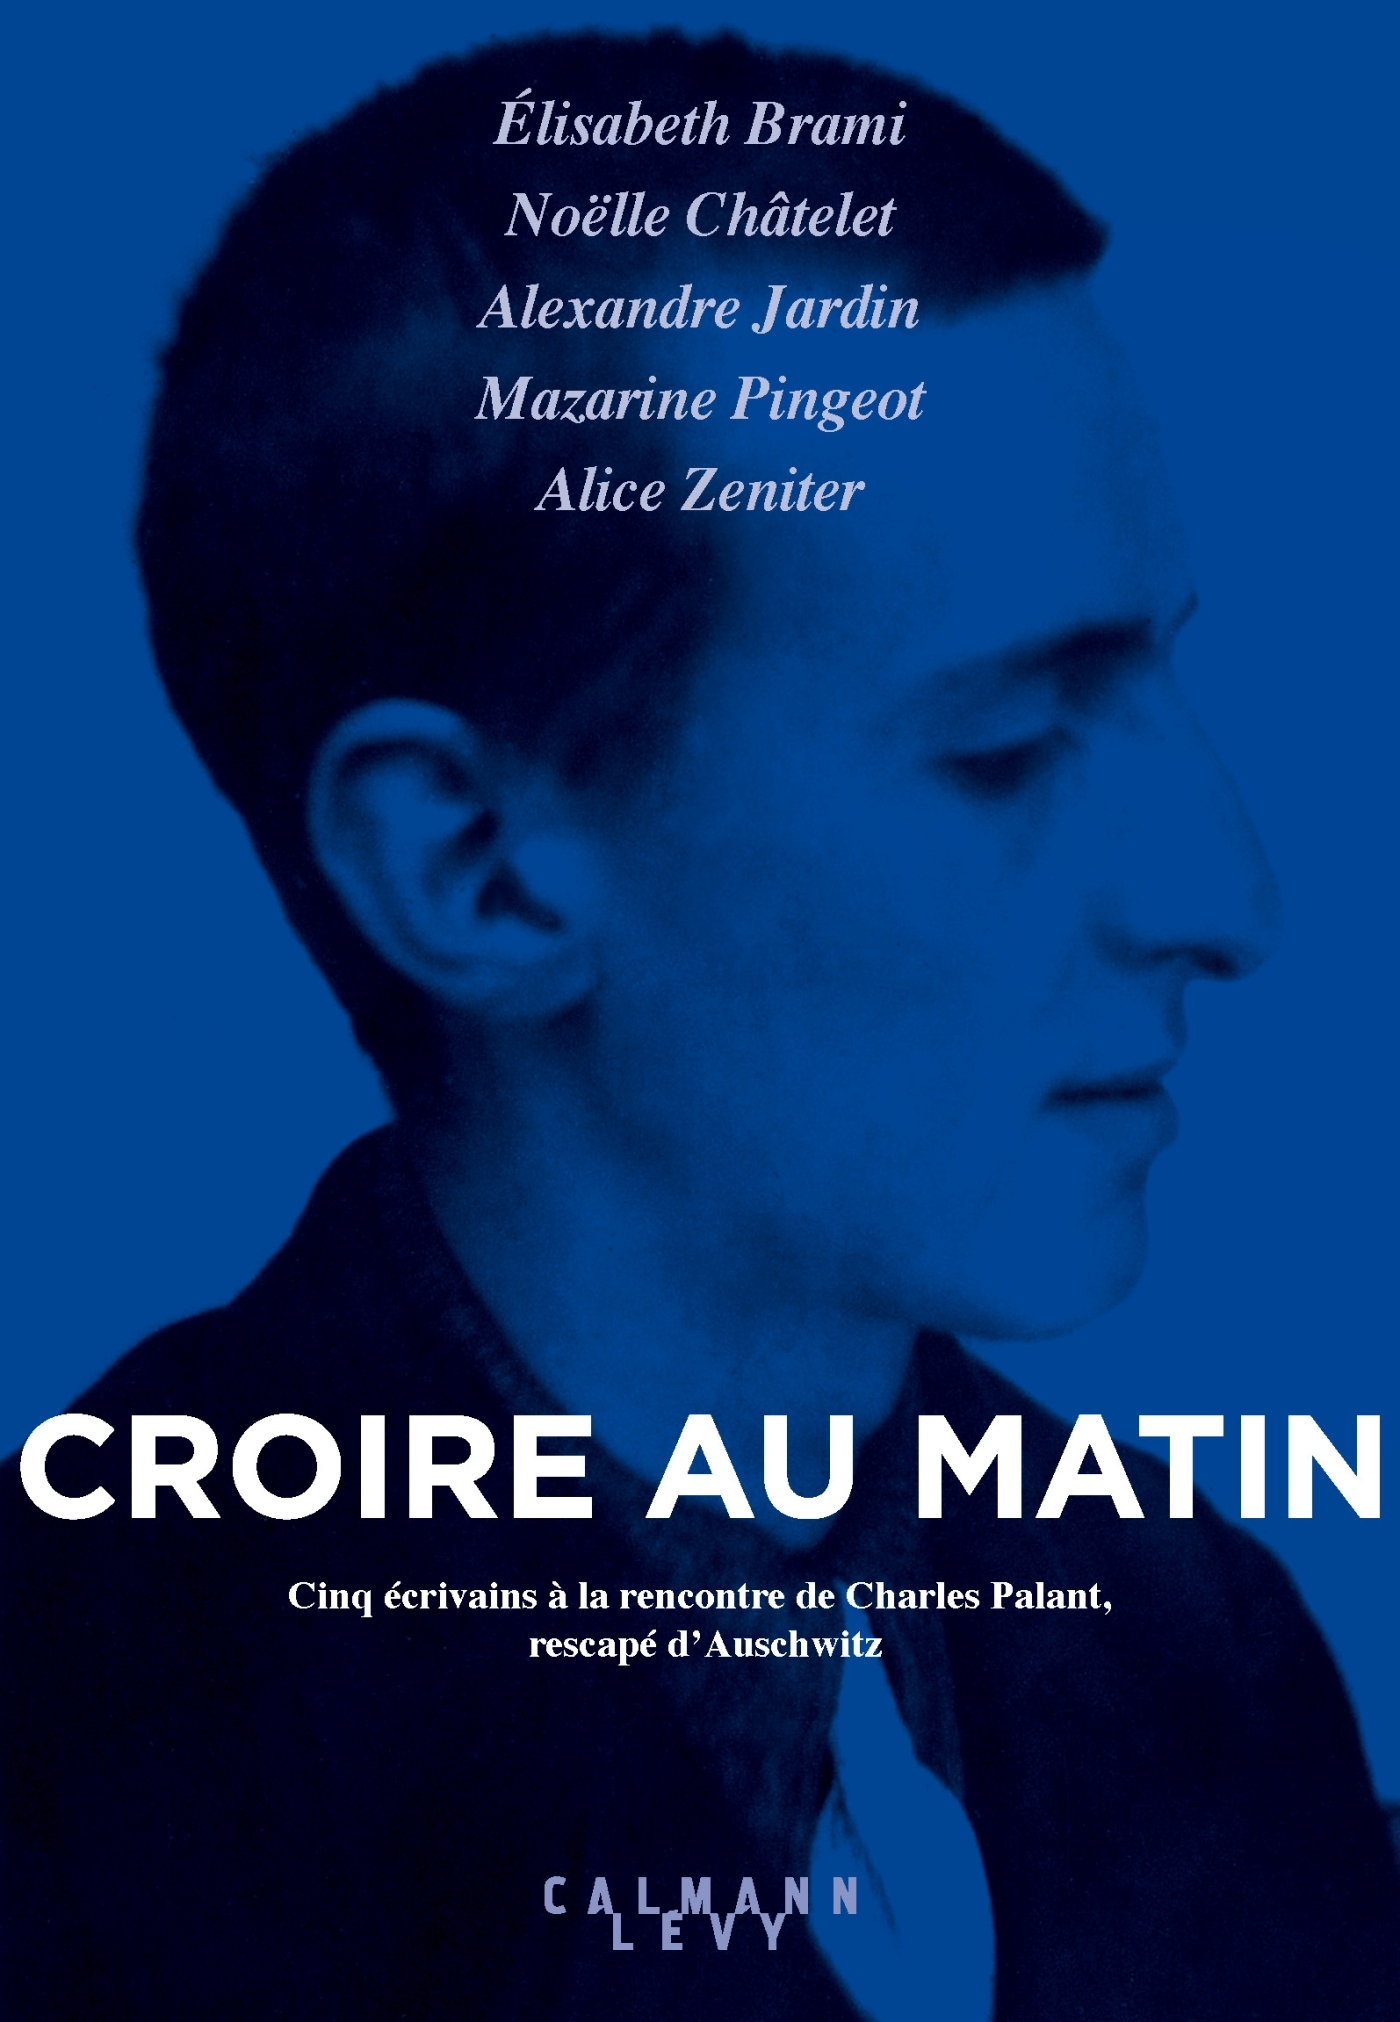 CROIRE AU MATIN